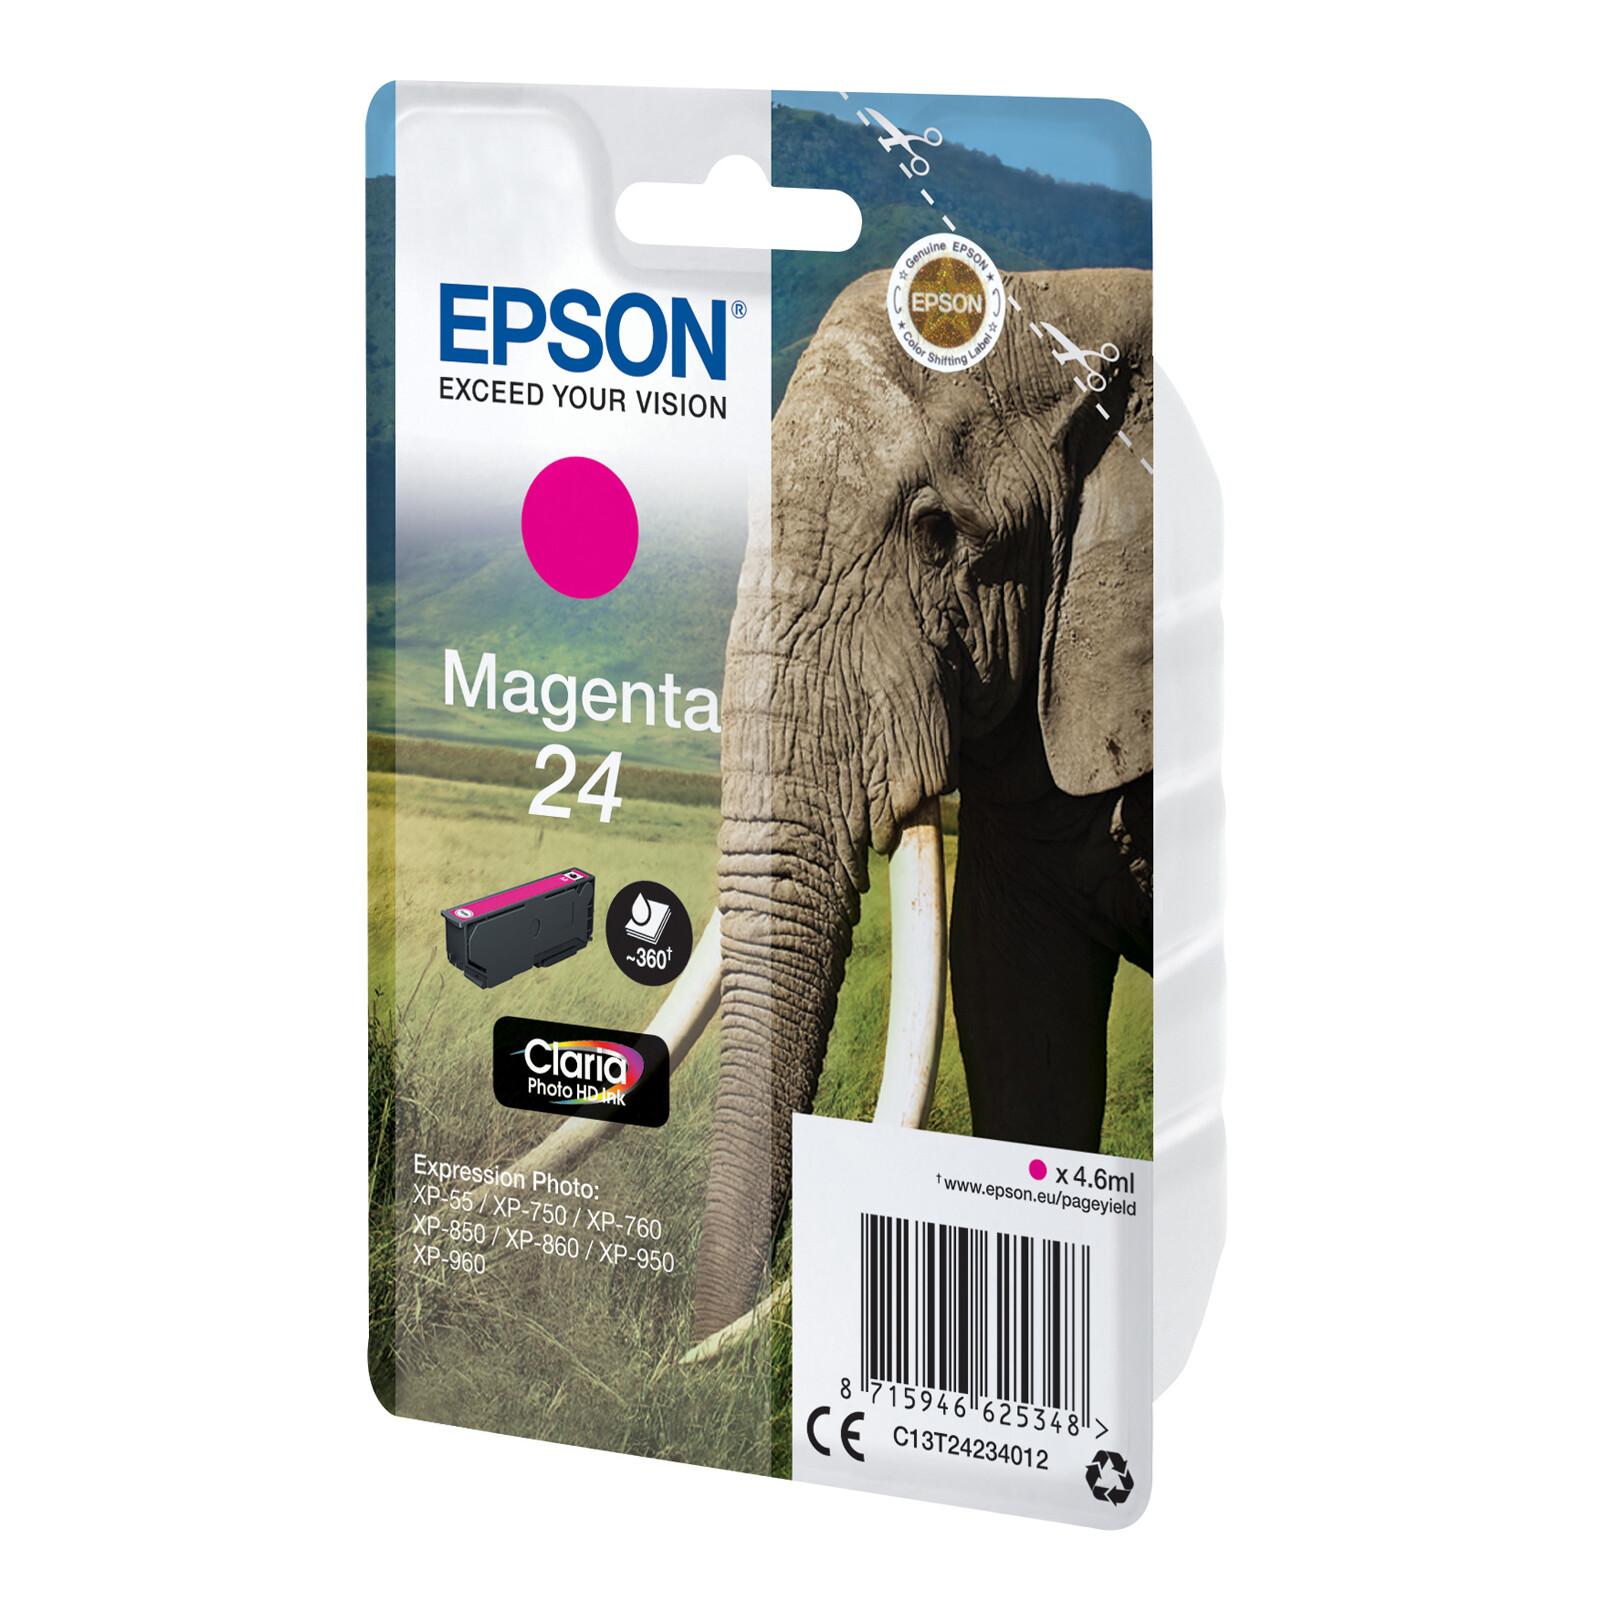 Epson 24 T2423 Tinte Photo Magenta 4,6ml